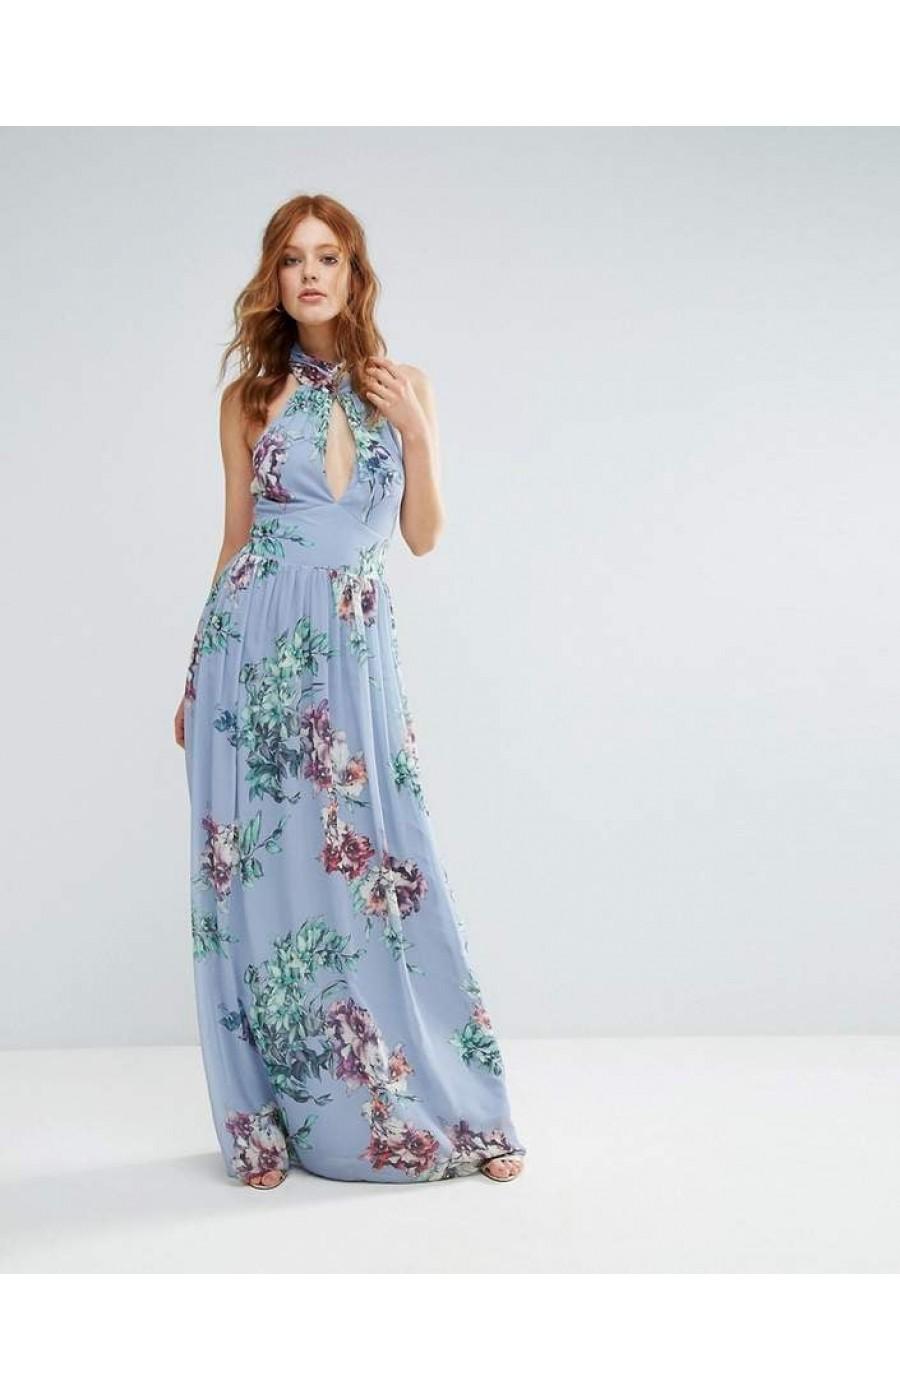 Μακρυ φλοραλ γαλαζιο φορεμα